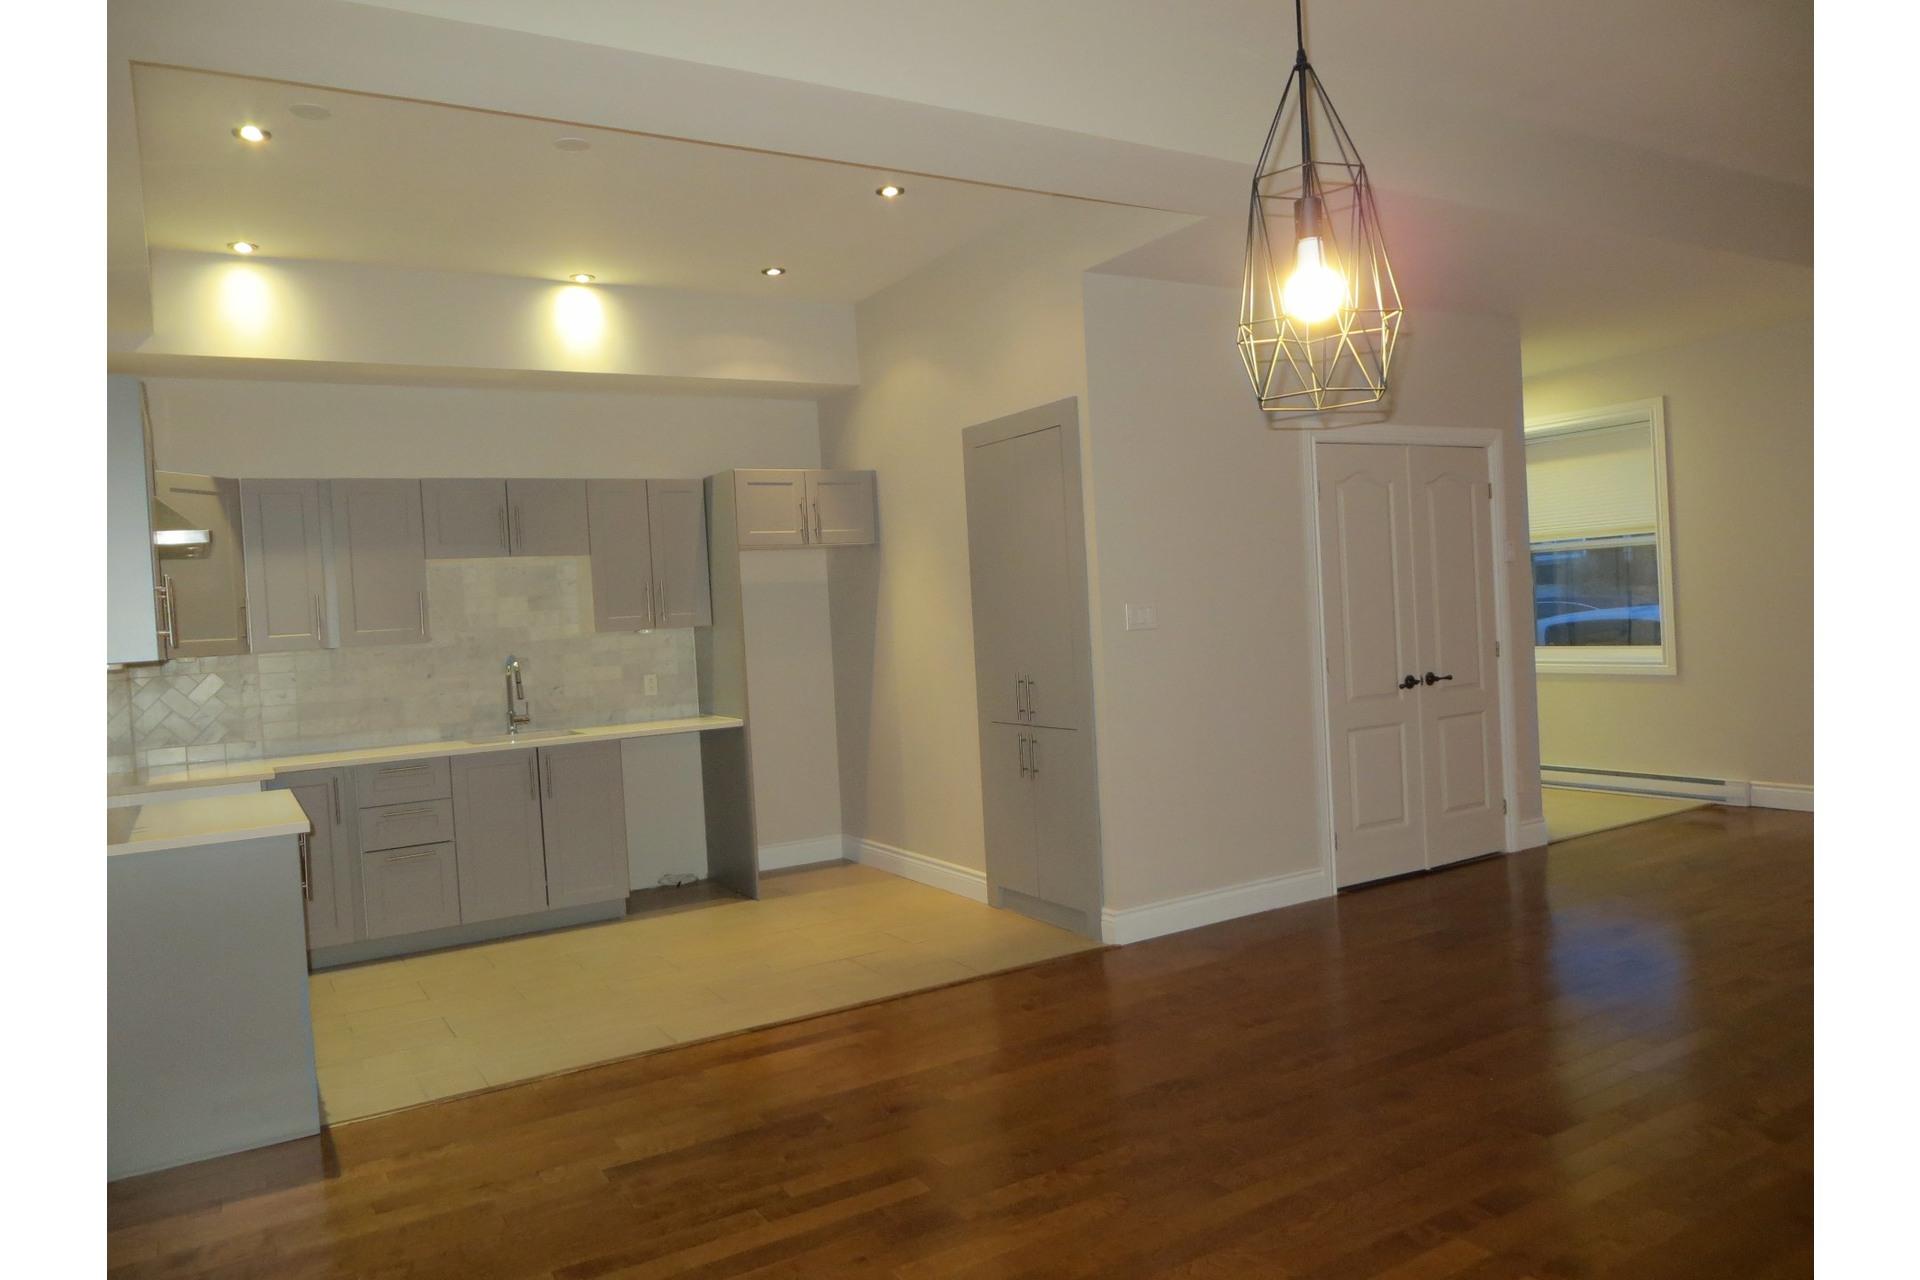 image 24 - Appartement À vendre Côte-des-Neiges/Notre-Dame-de-Grâce Montréal  - 5 pièces